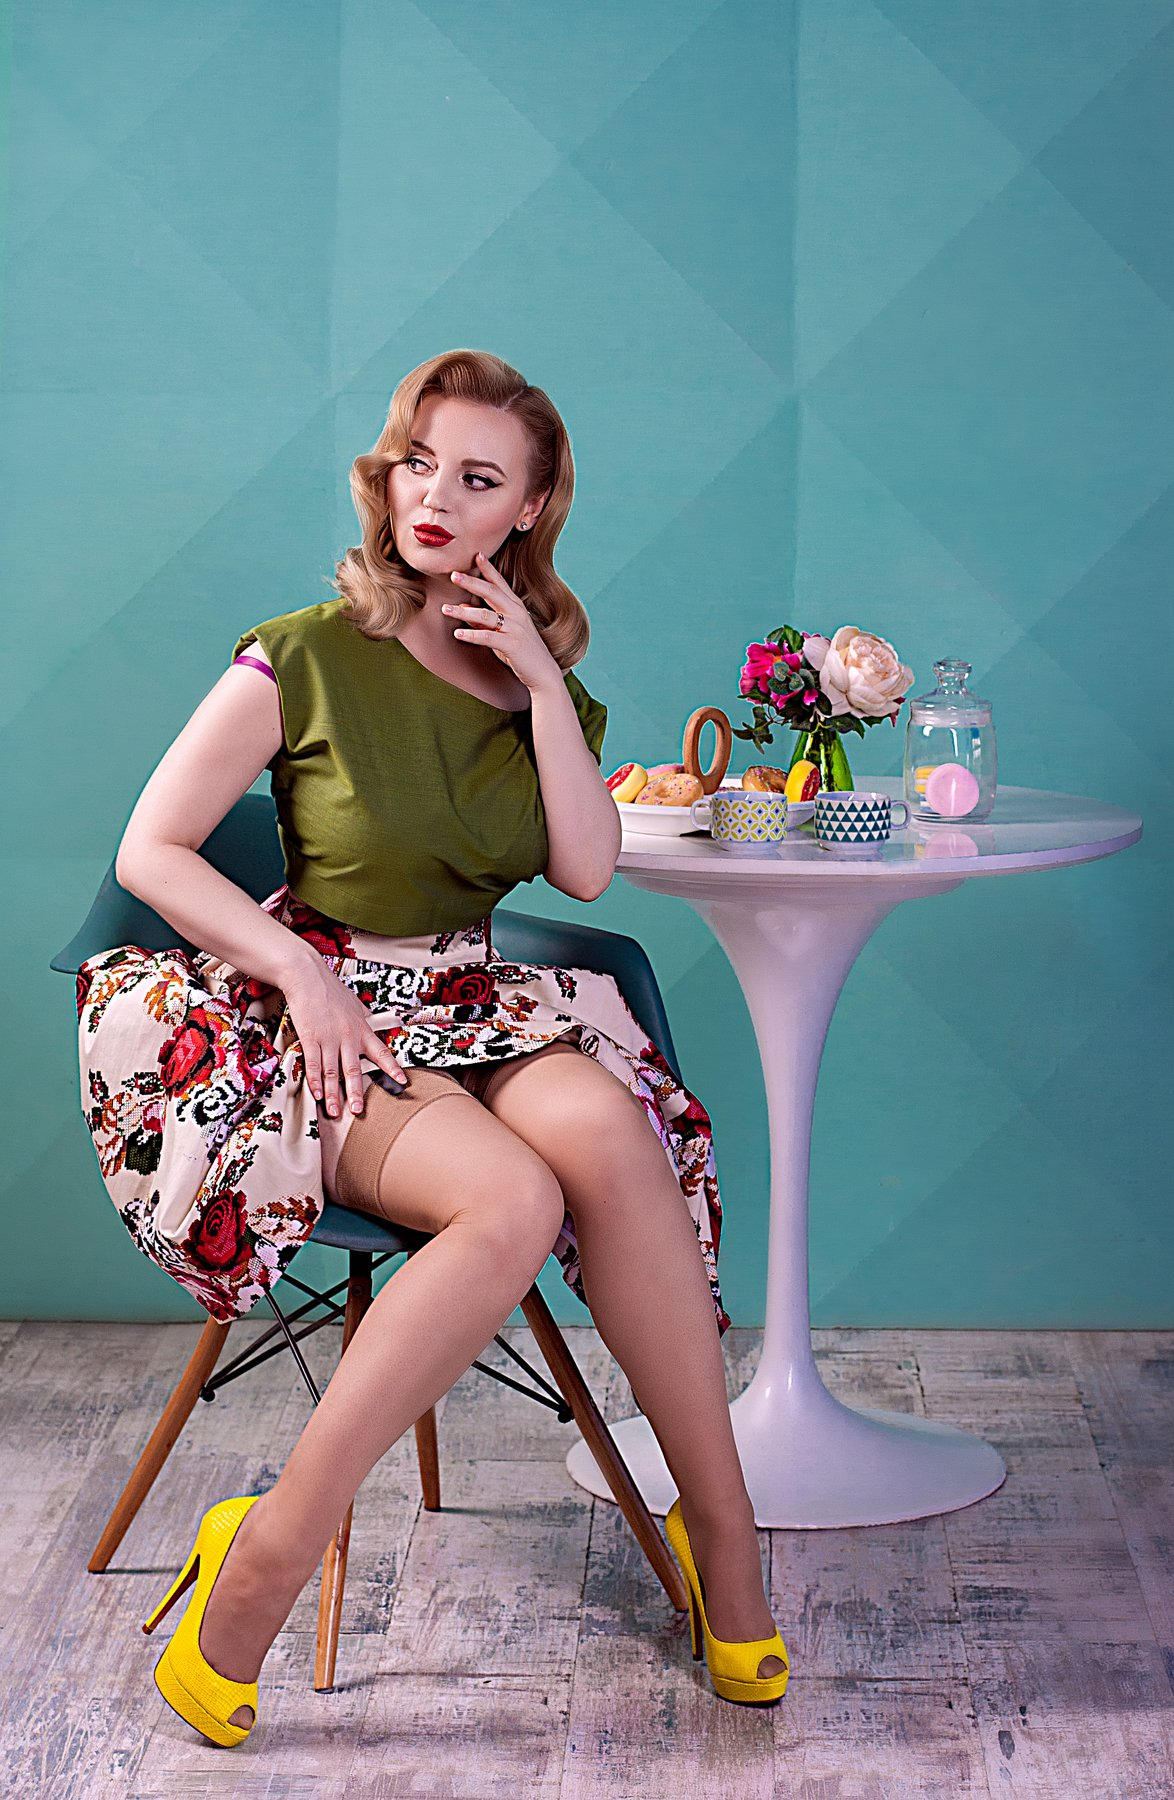 пинап, pinup, завтрак, пончик, женский портрет, Валерия Малиновска